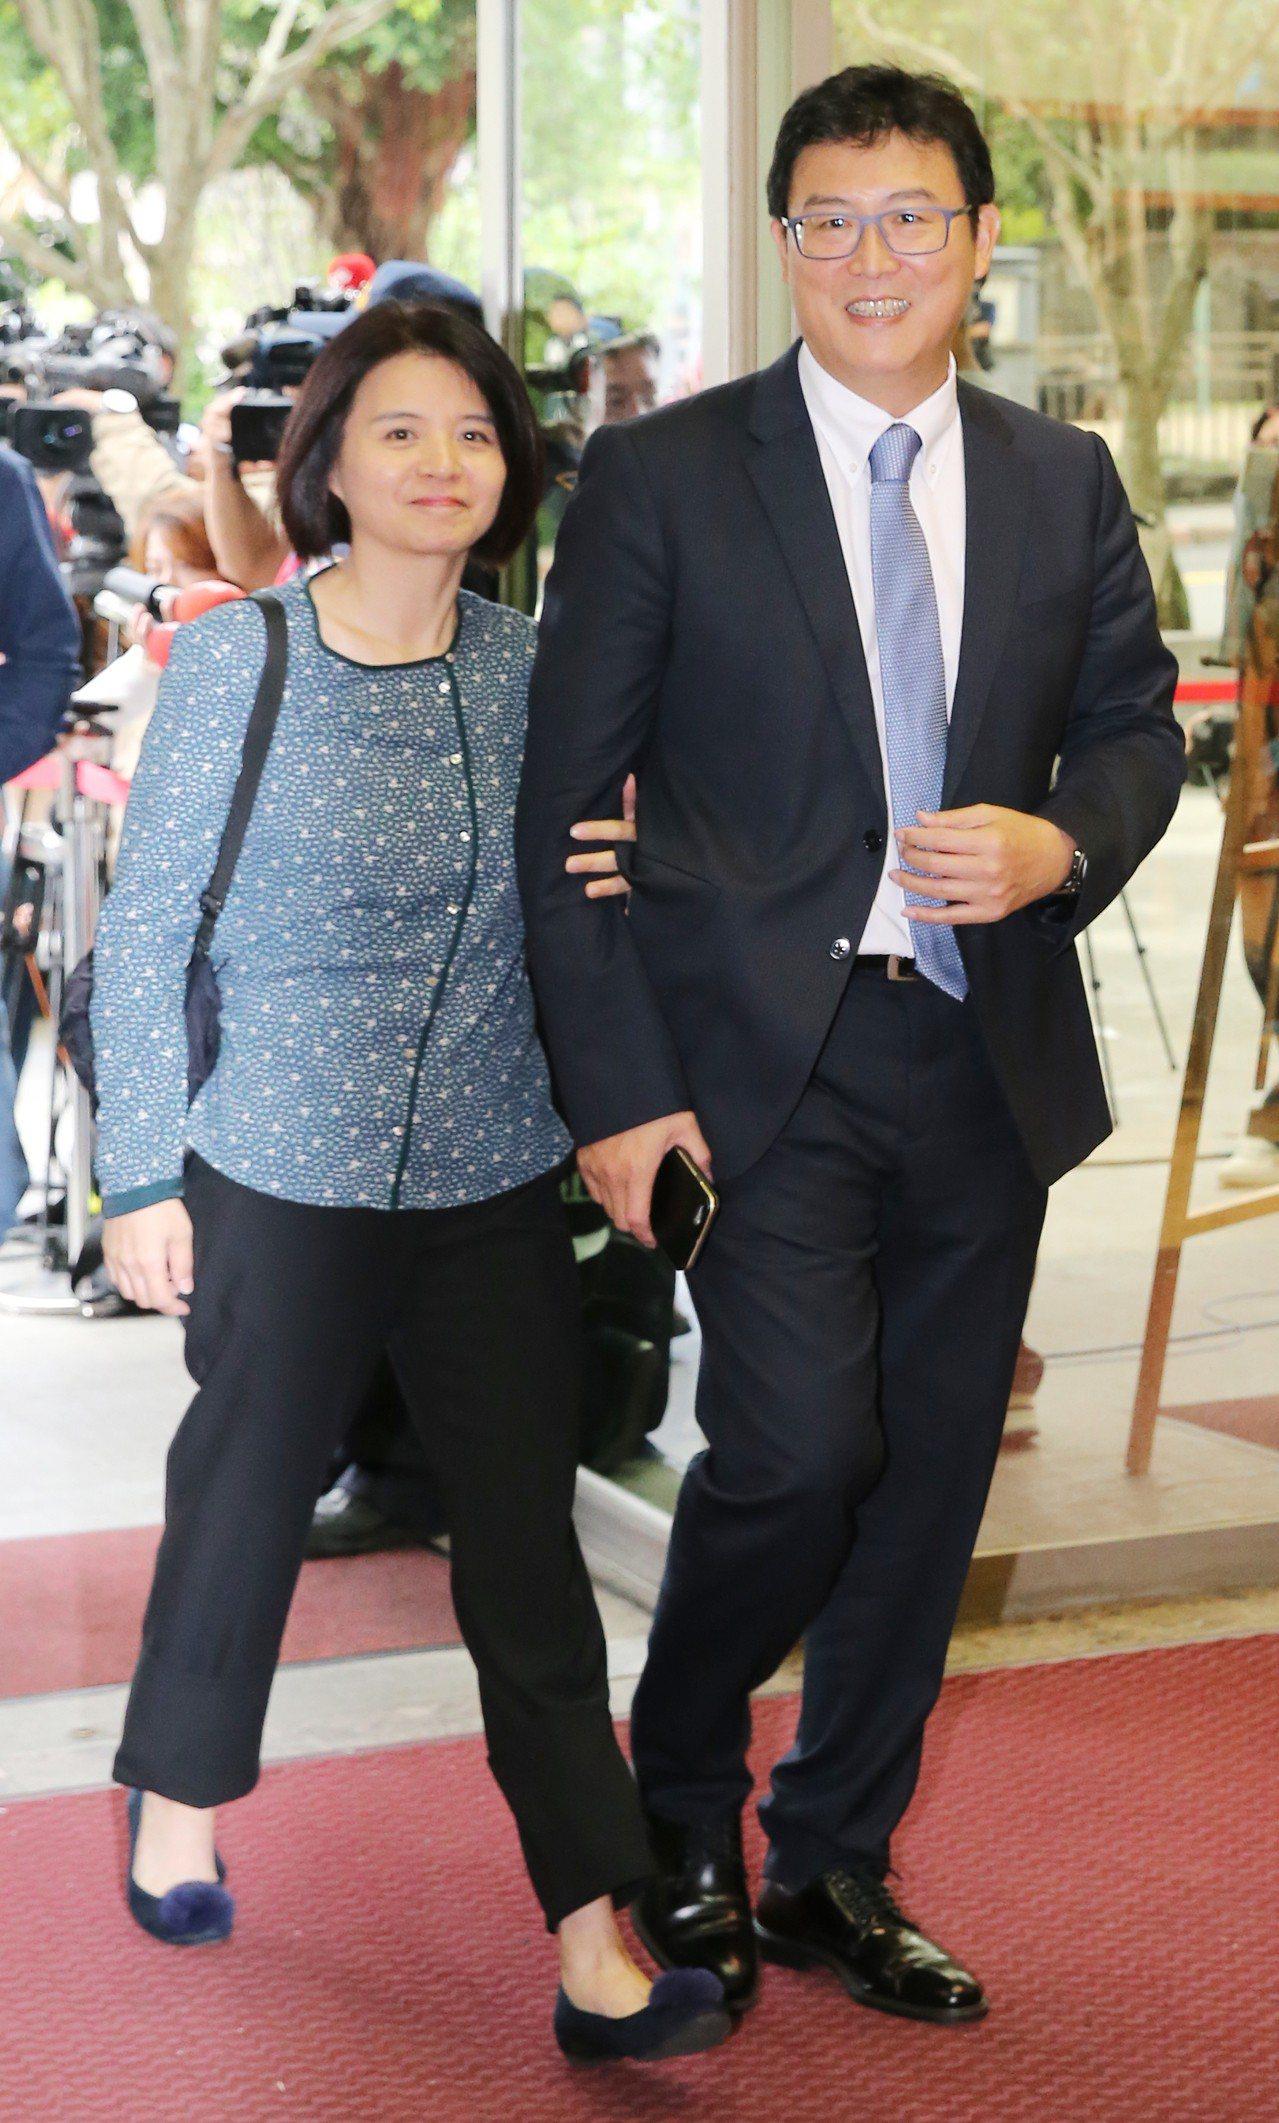 台北市長候選人電視辯論會,姚文智(右)帶著夫人潘瓊琪(左)一同前來。記者許正宏/...